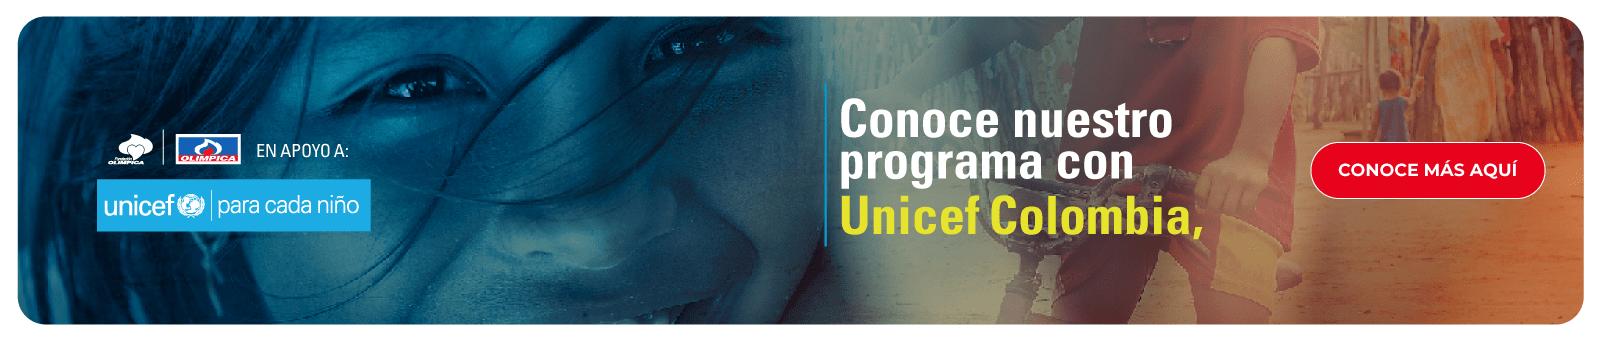 Conoce nuestro programa Unicef Colombia